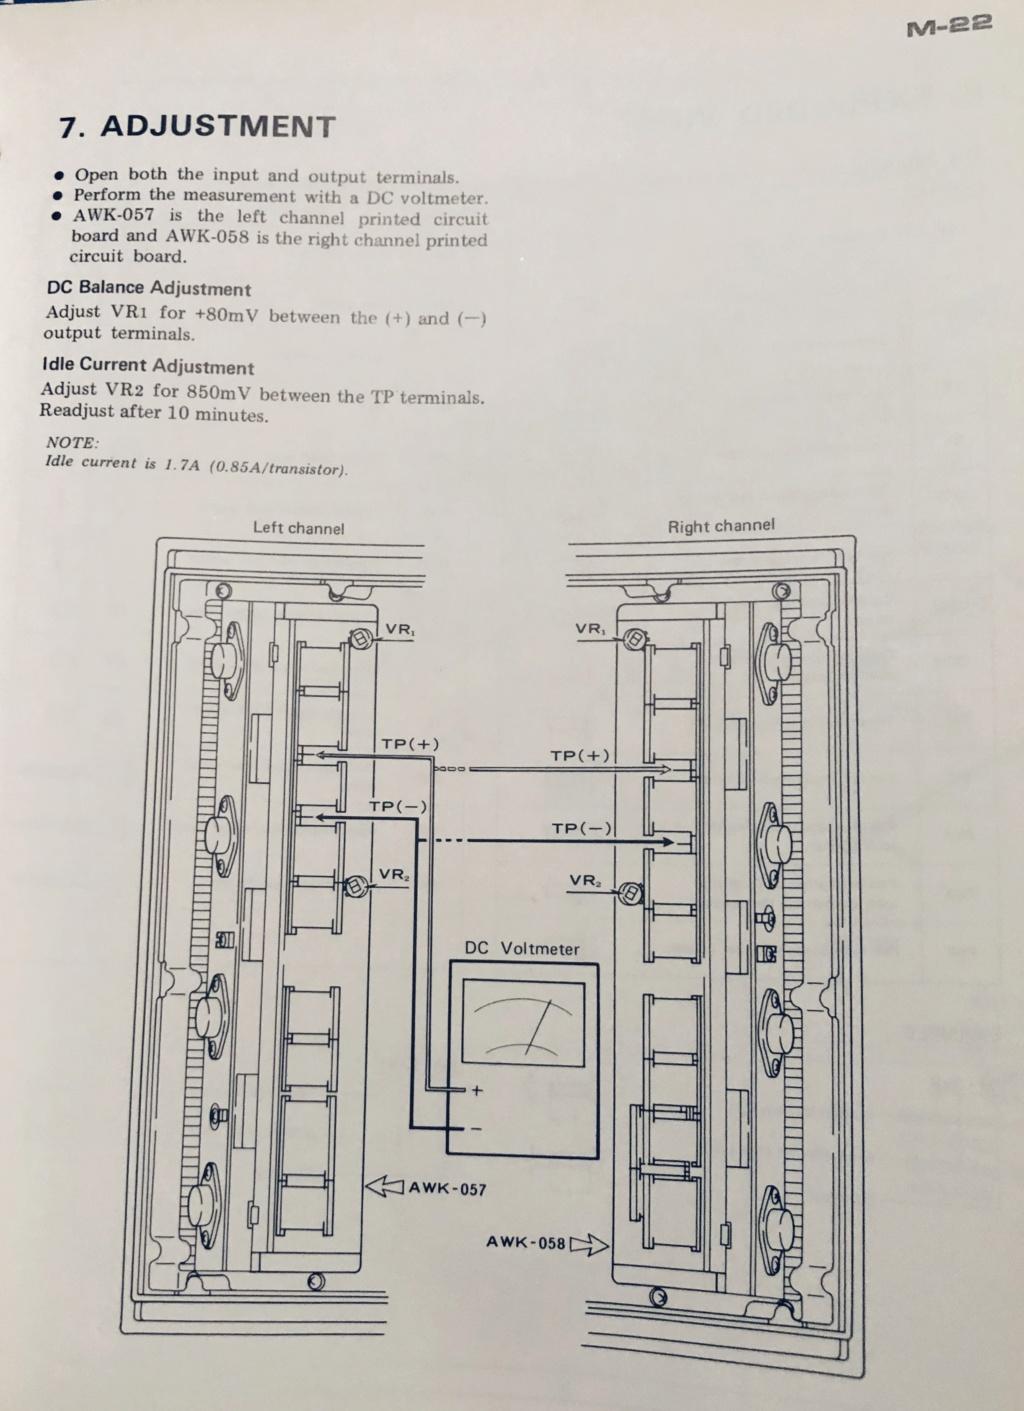 Pioneer C21 -M22 Img_3529